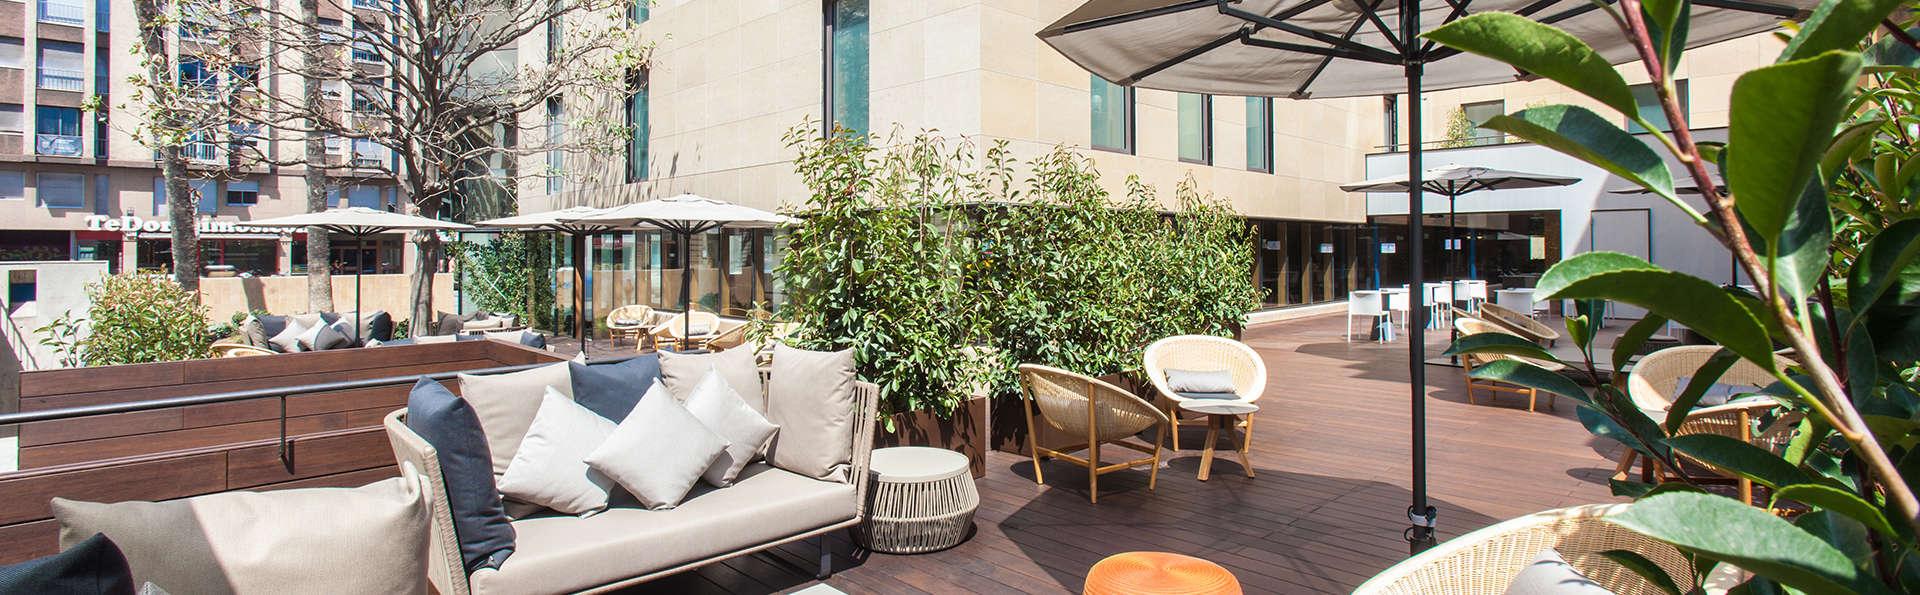 Séjour extra luxe avec cocktail offert sur l'une des plus belles terrasses de Barcelone